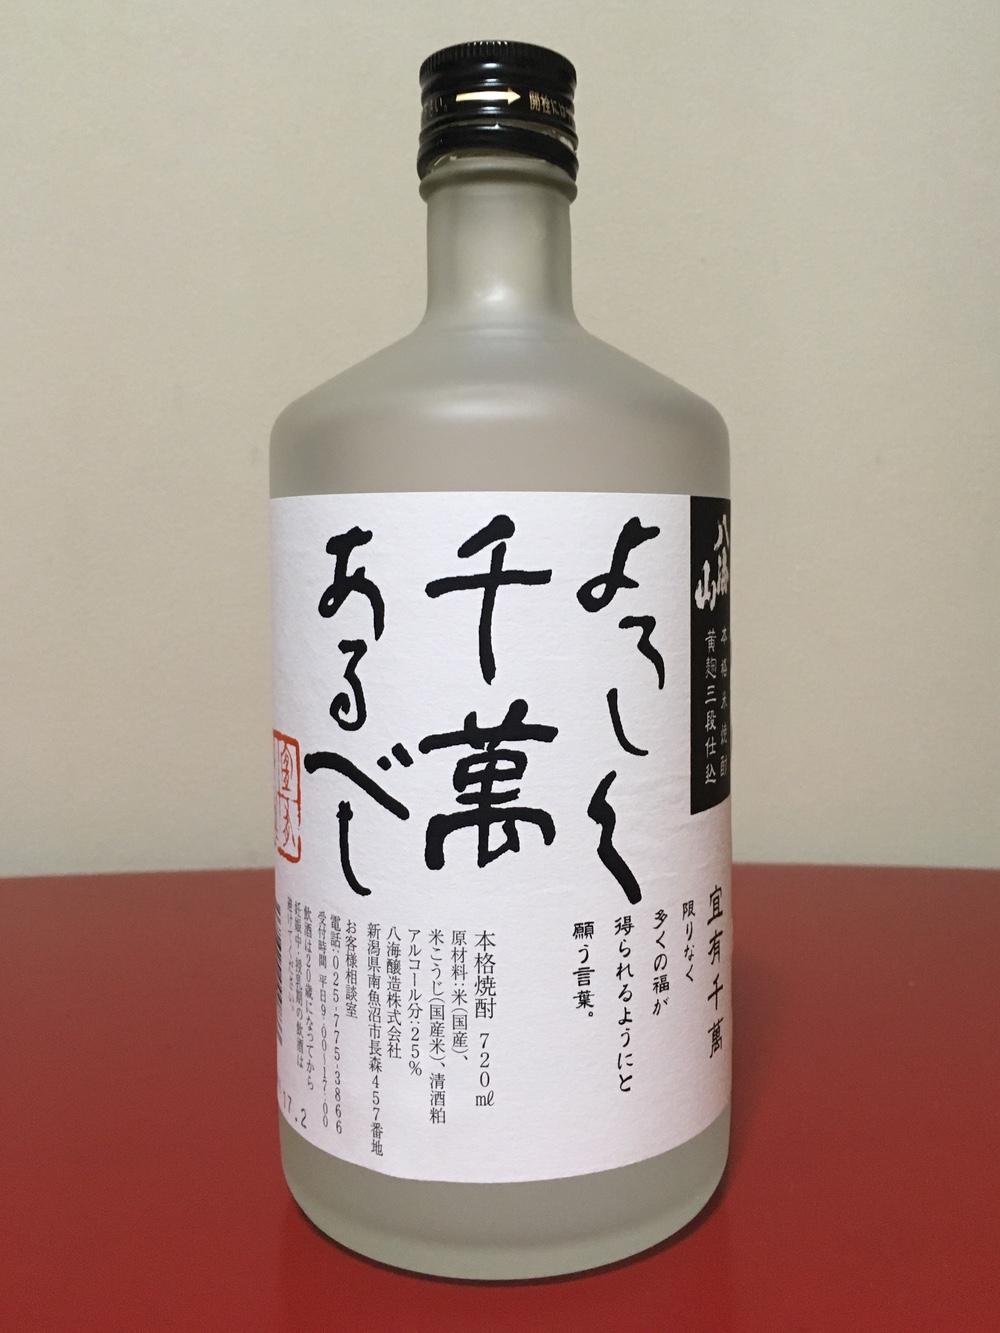 年末総括。今年最後の酒は八海山の焼酎「よろしく千萬あるべし」